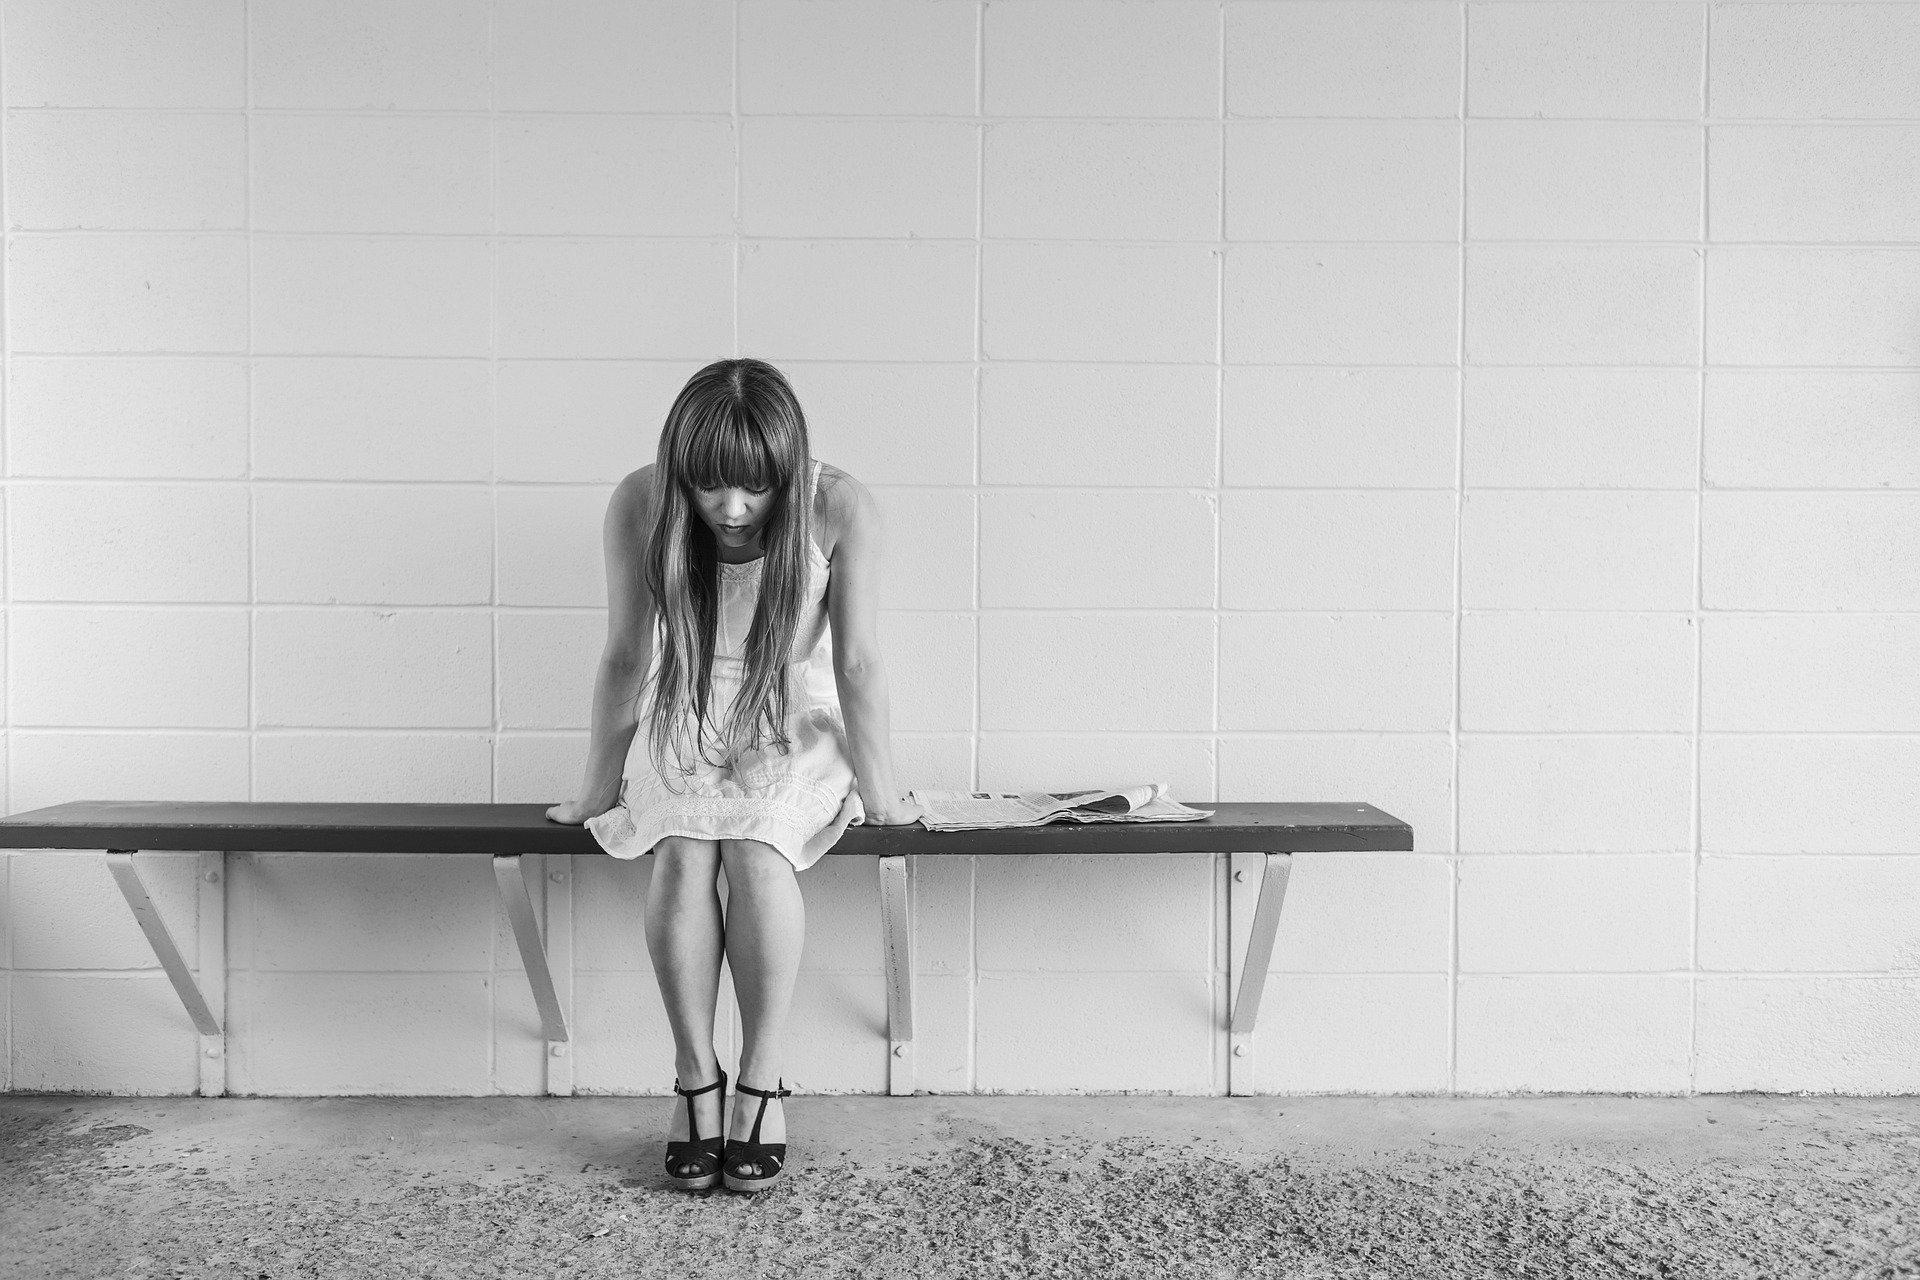 ¿Alguna vez has tenido una crisis de ansiedad o ataque de pánico?